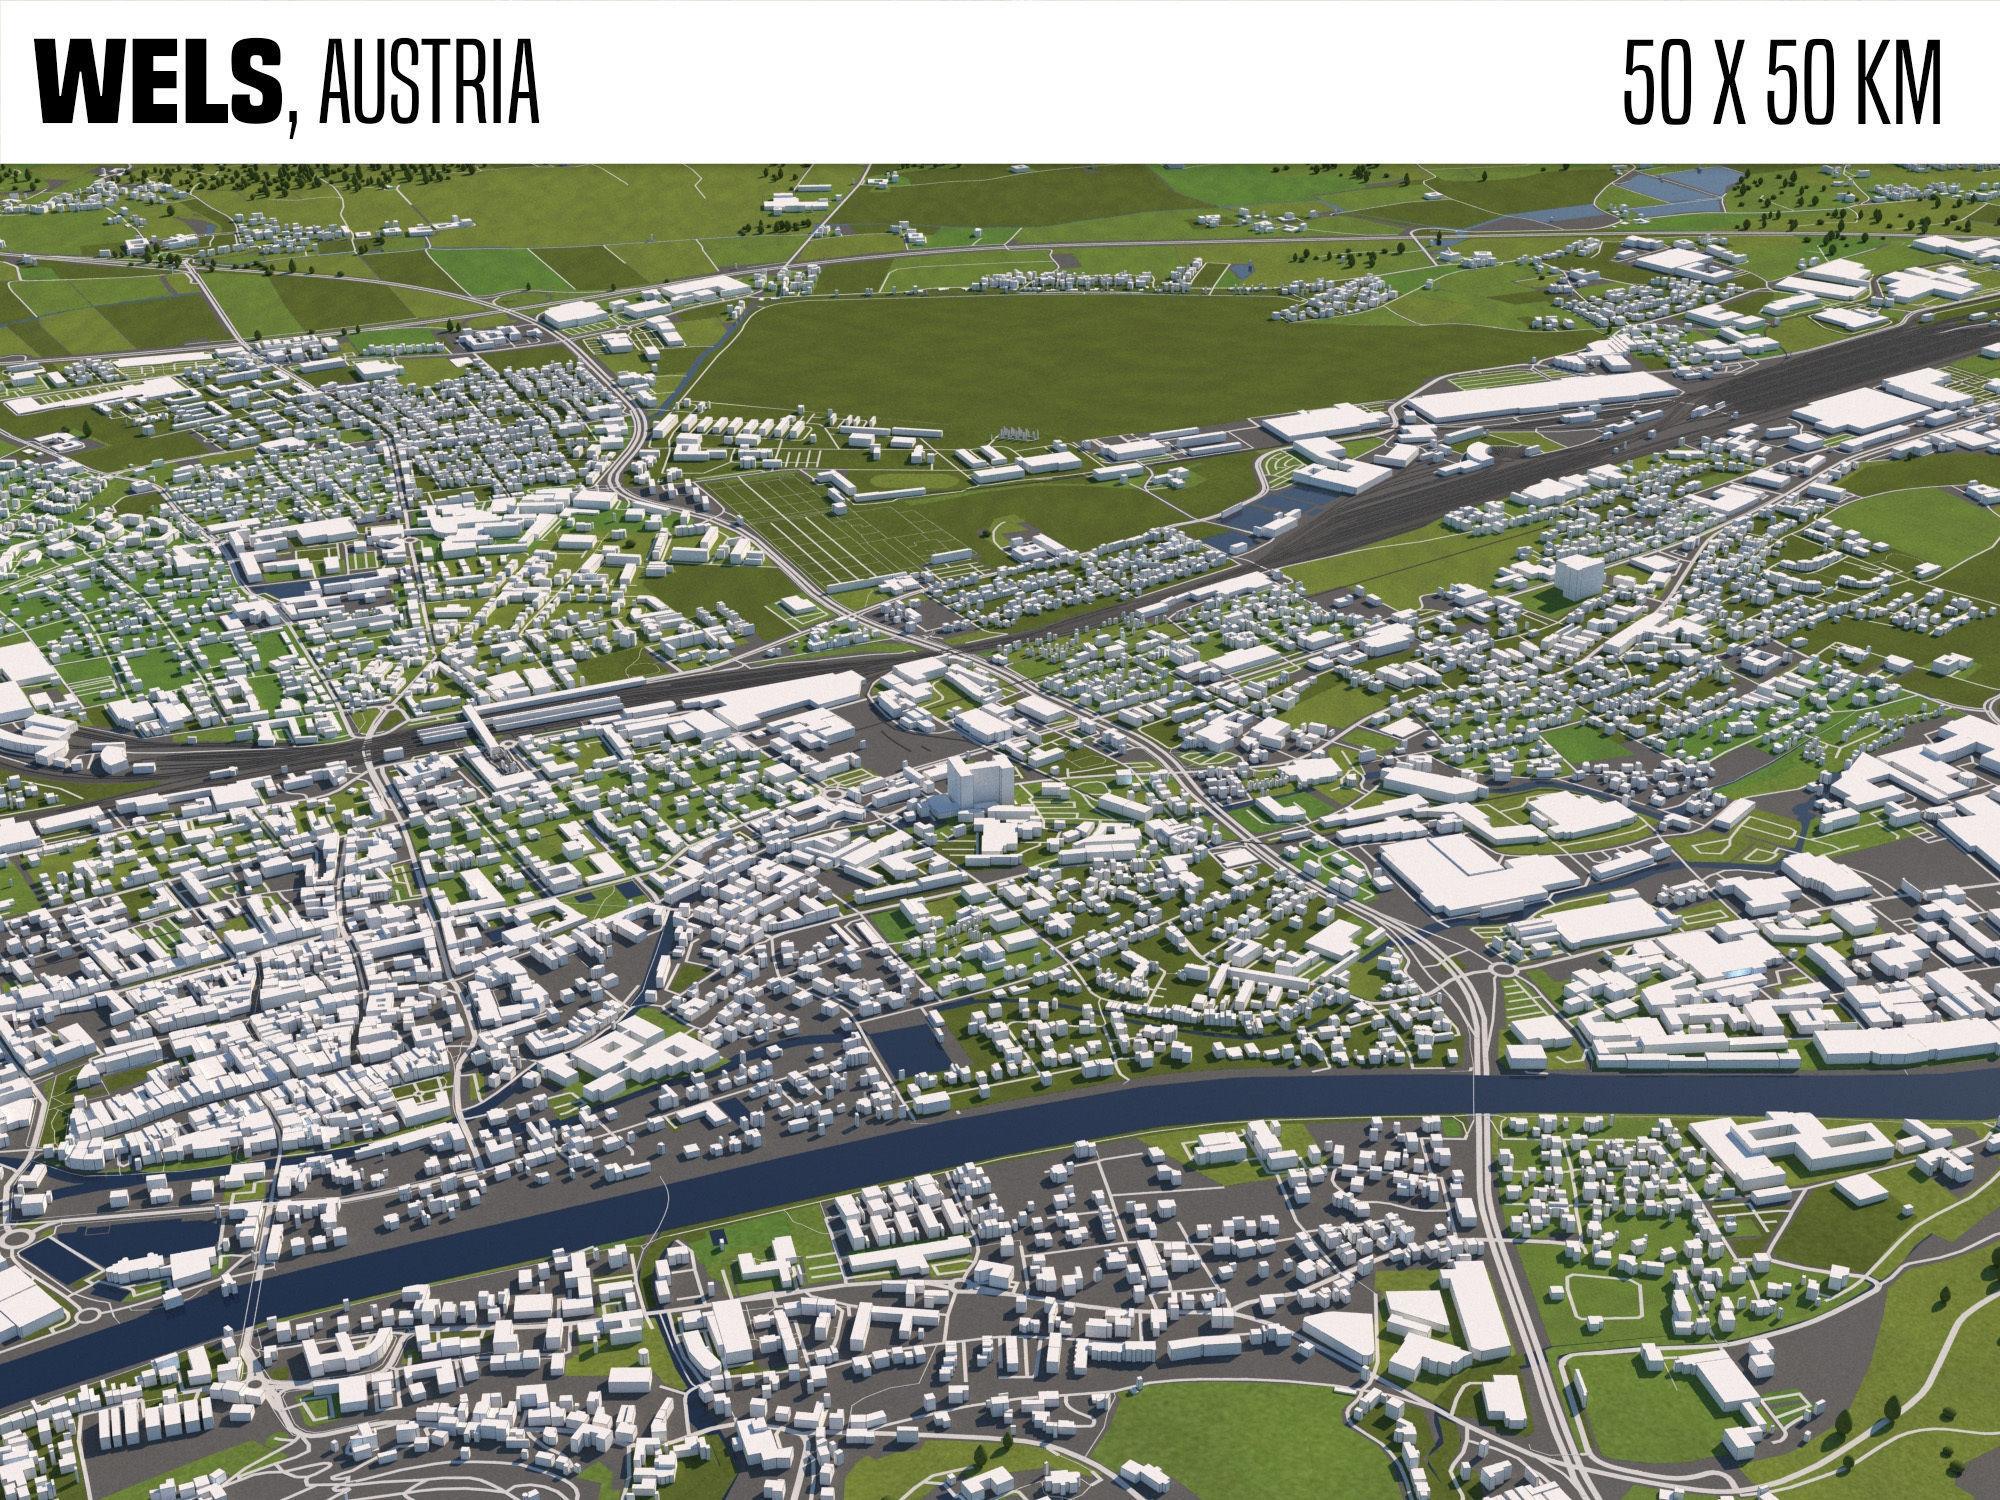 Wels Austria 50x50km